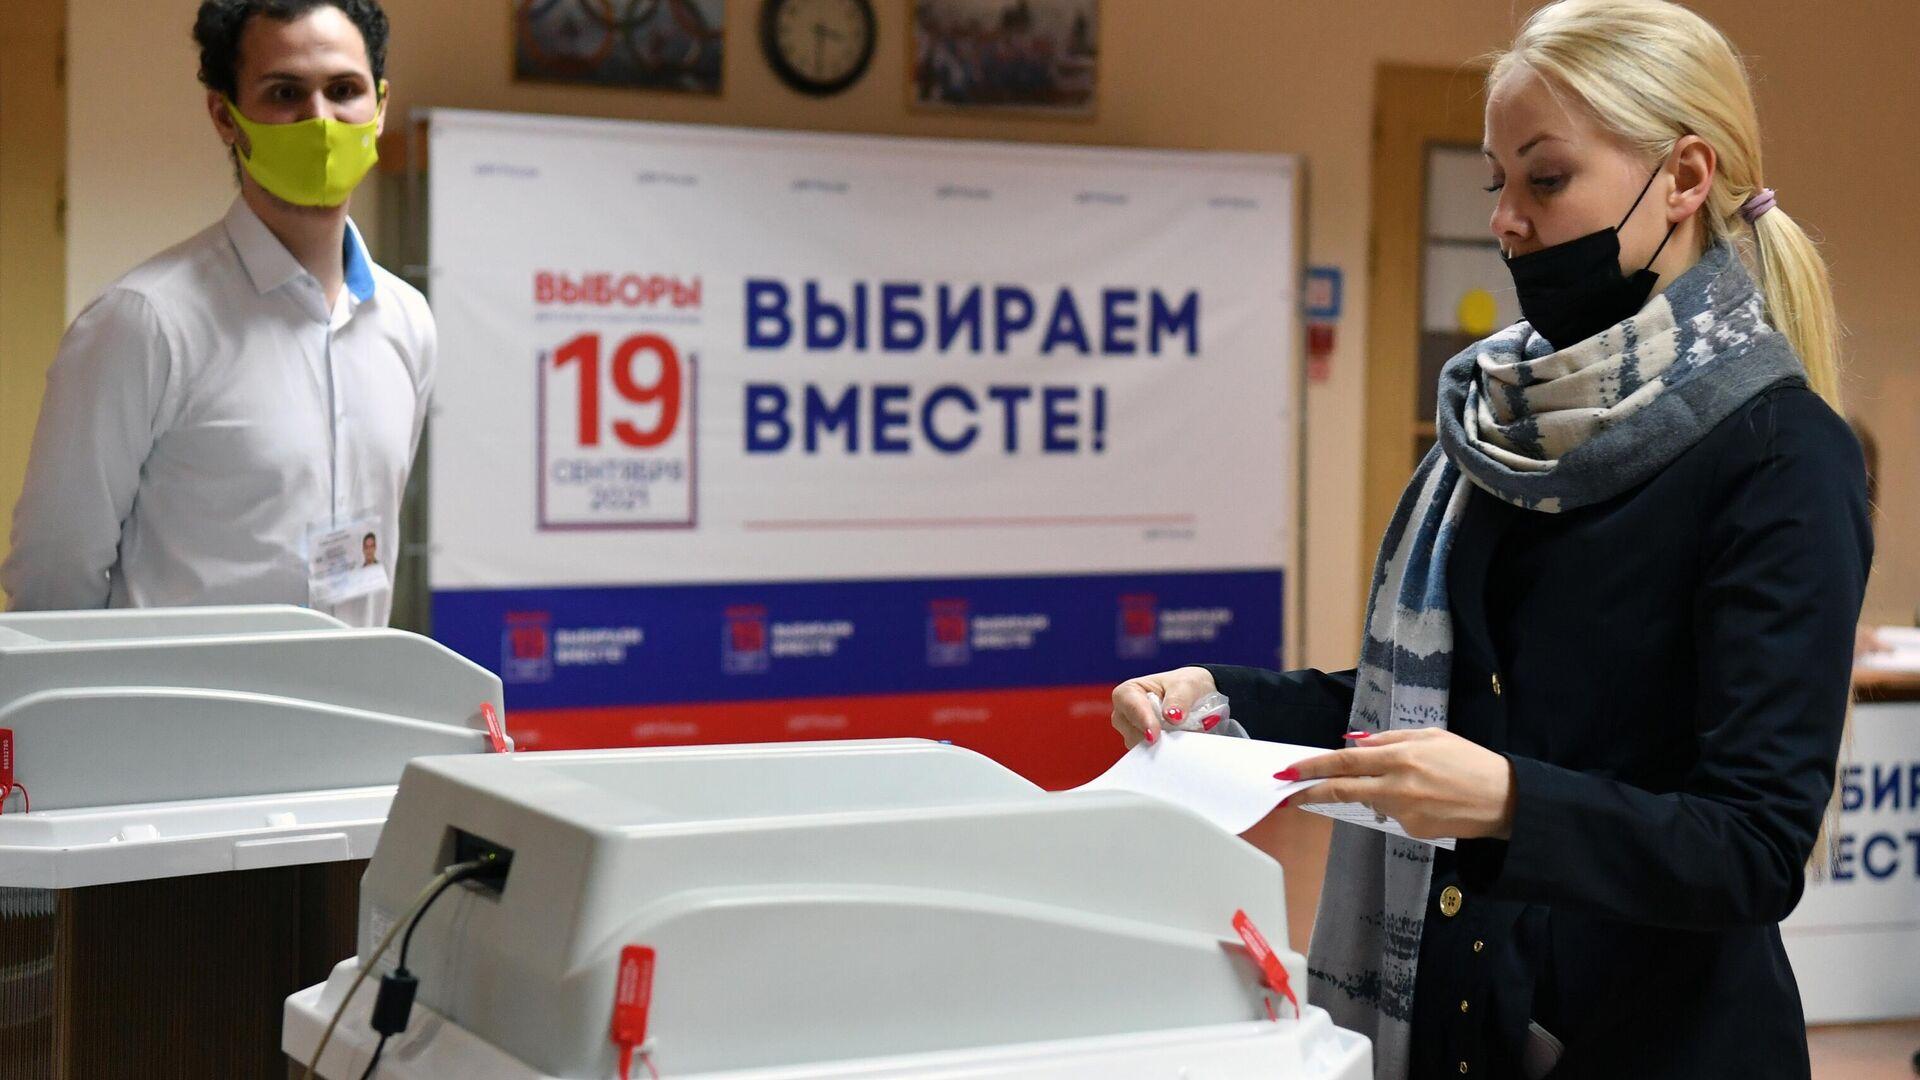 Девушка голосует на избирательном участке  - РИА Новости, 1920, 17.09.2021